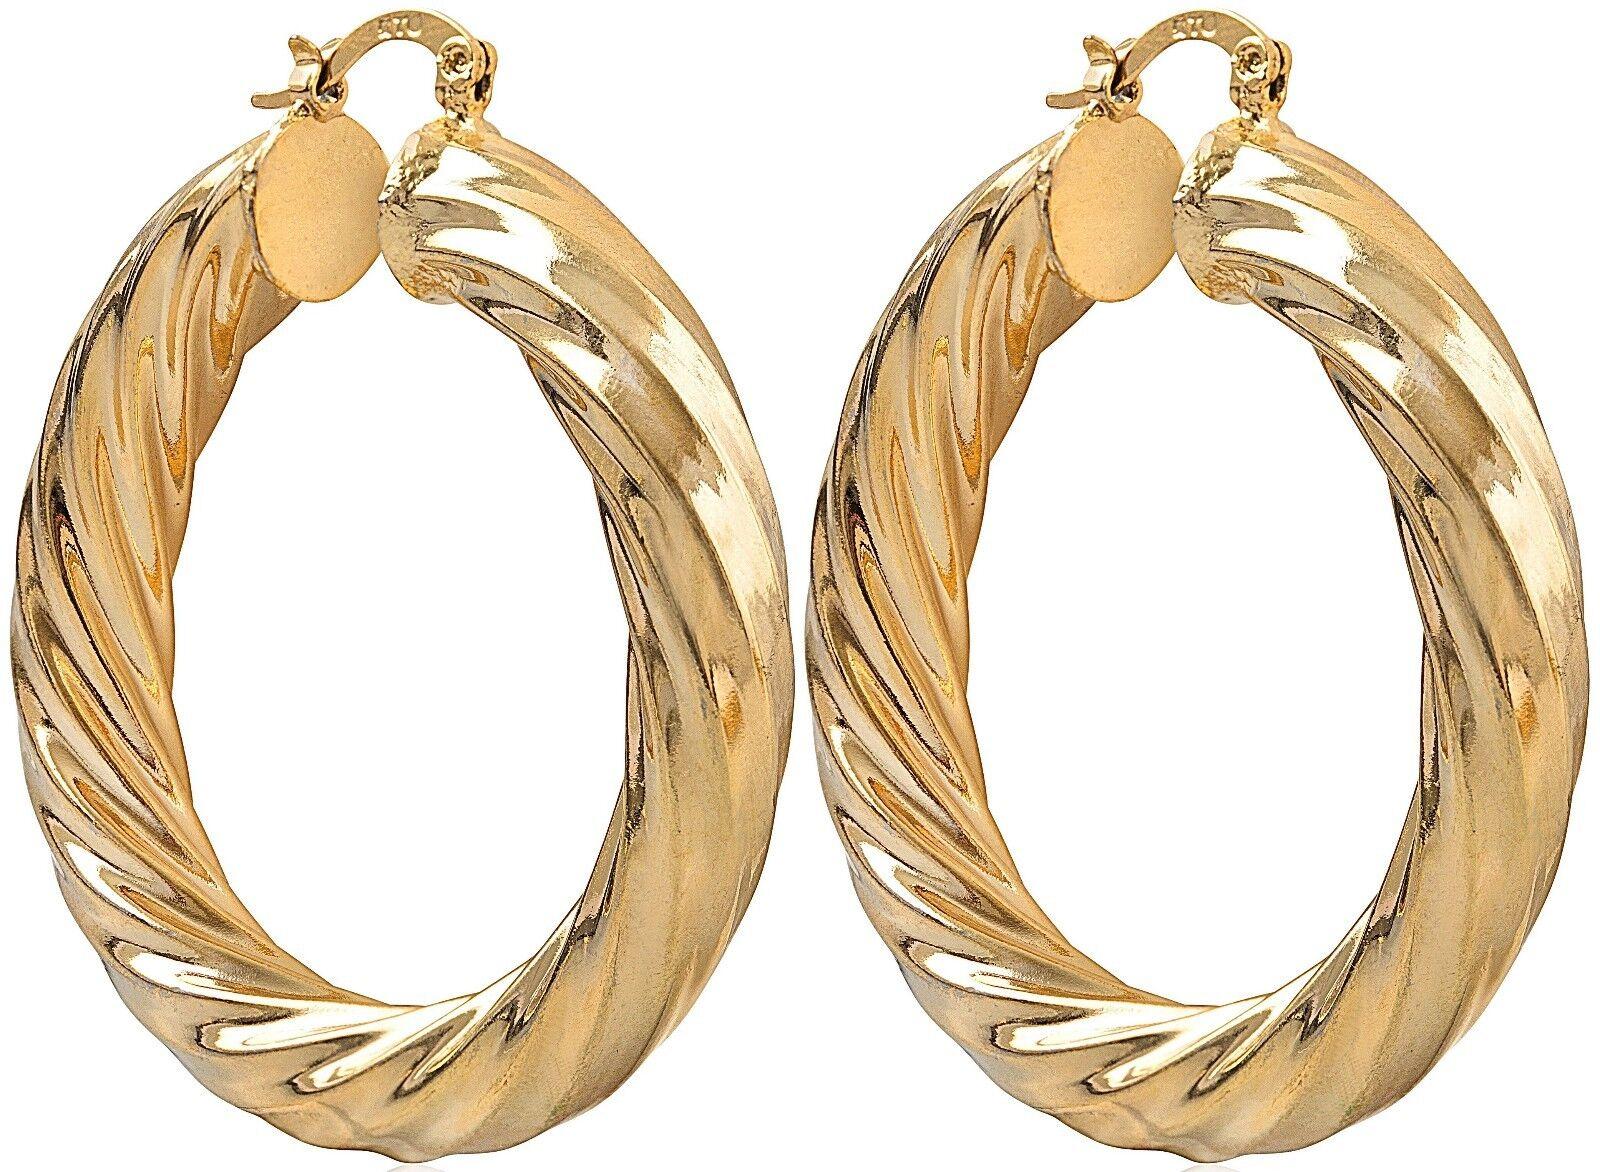 LARGE HOOP EARRINGS LADY WOMENS GOLD FILLED TWIST CREOLE EAR HOOPS